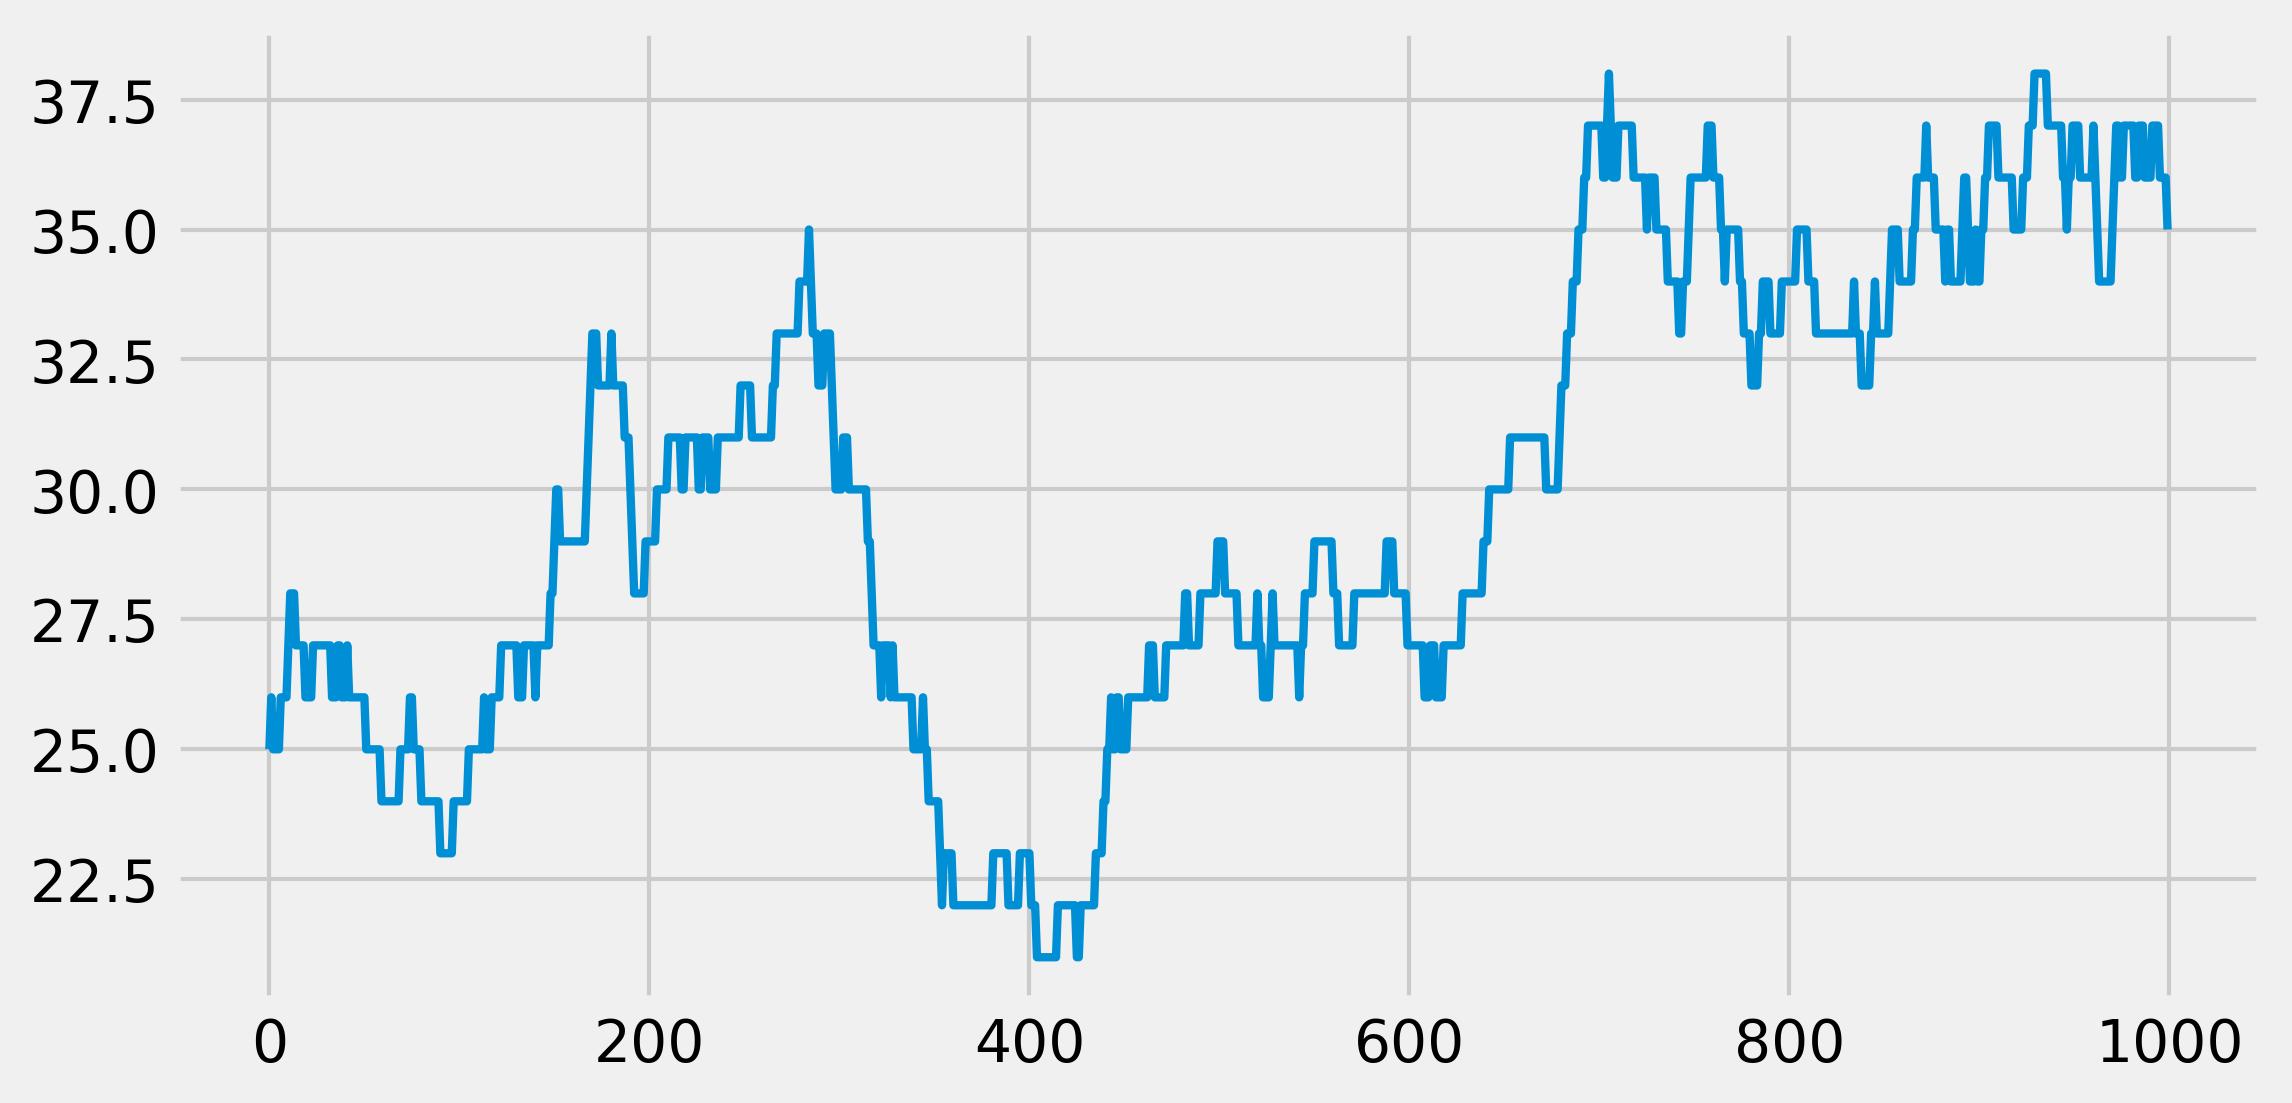 <matplotlib.figure.Figure at 0x71b17f0>